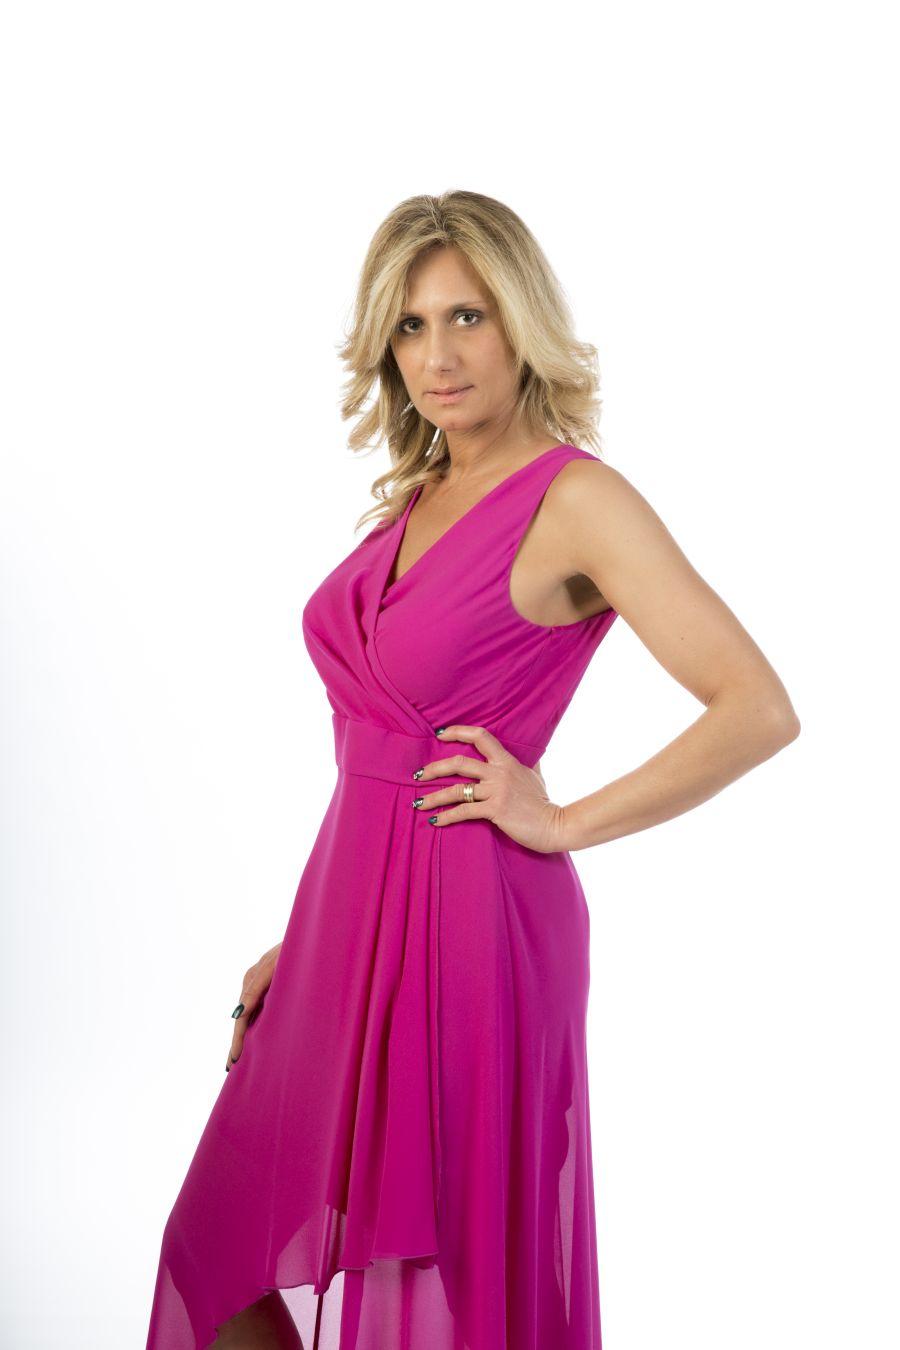 abbigliamento Donna Moderno Sport Cunardo 41